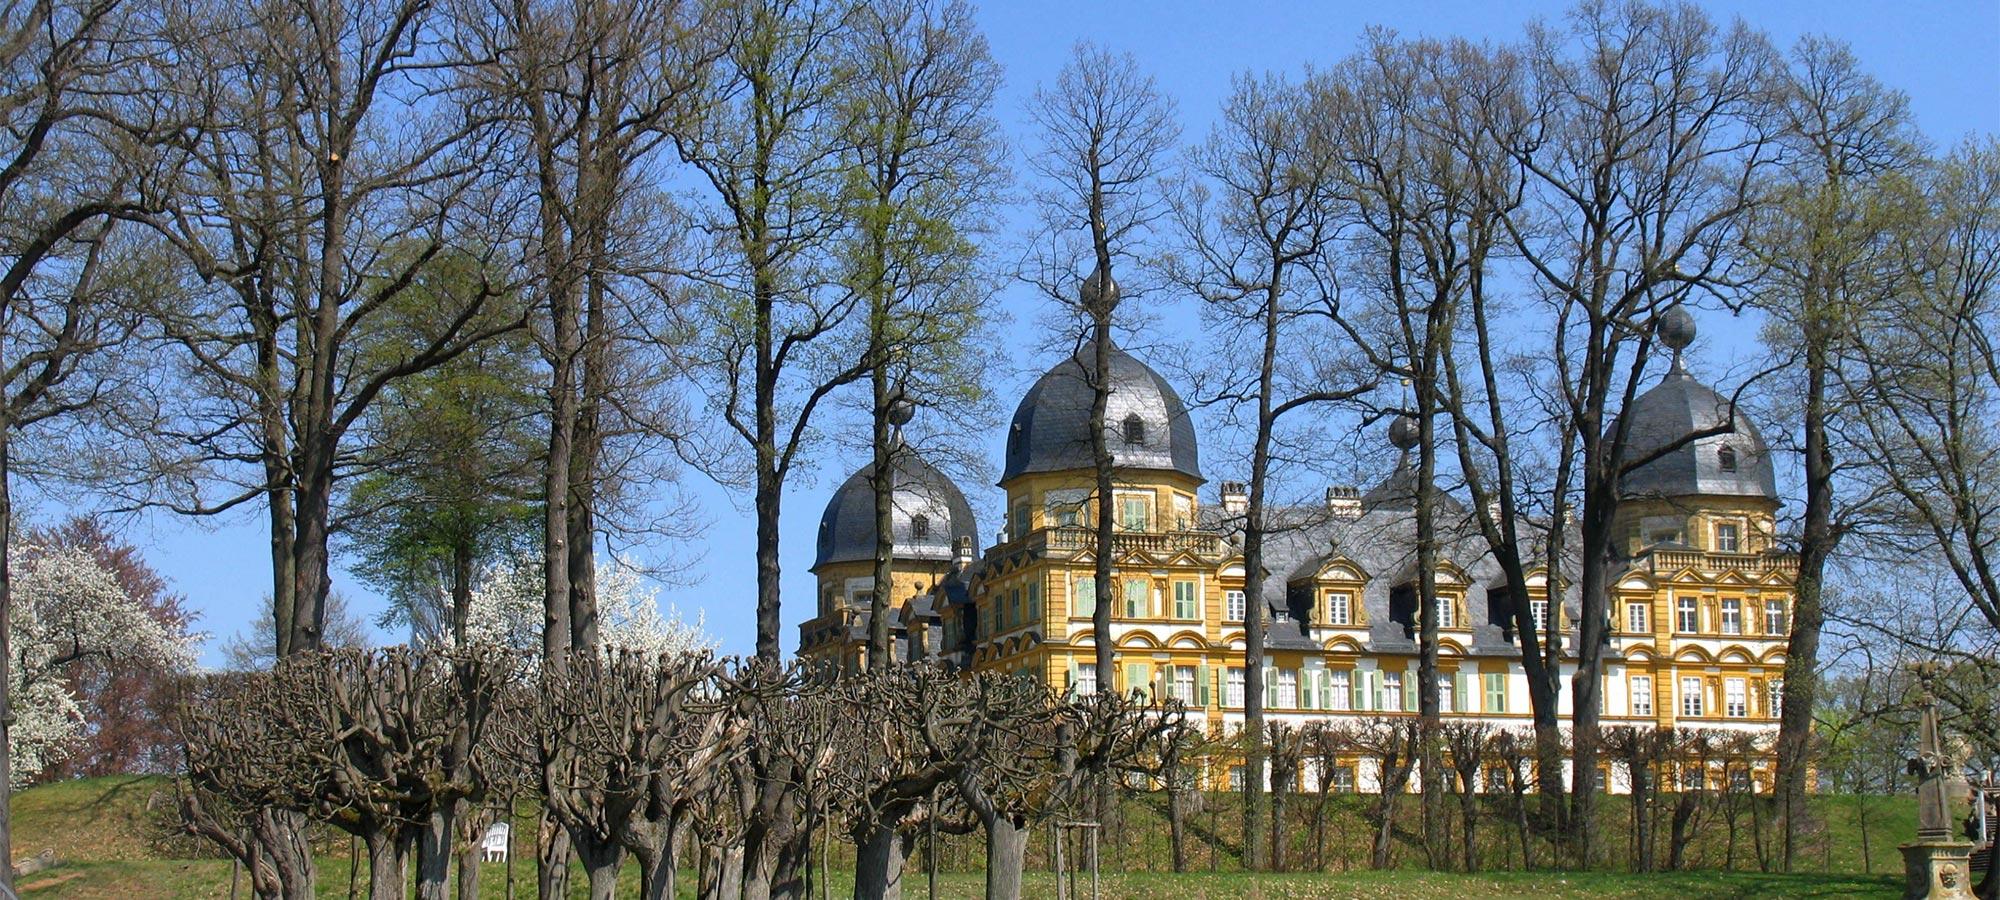 Fuehrung-Schloss-Seehof-Schloss-Seehof-UE